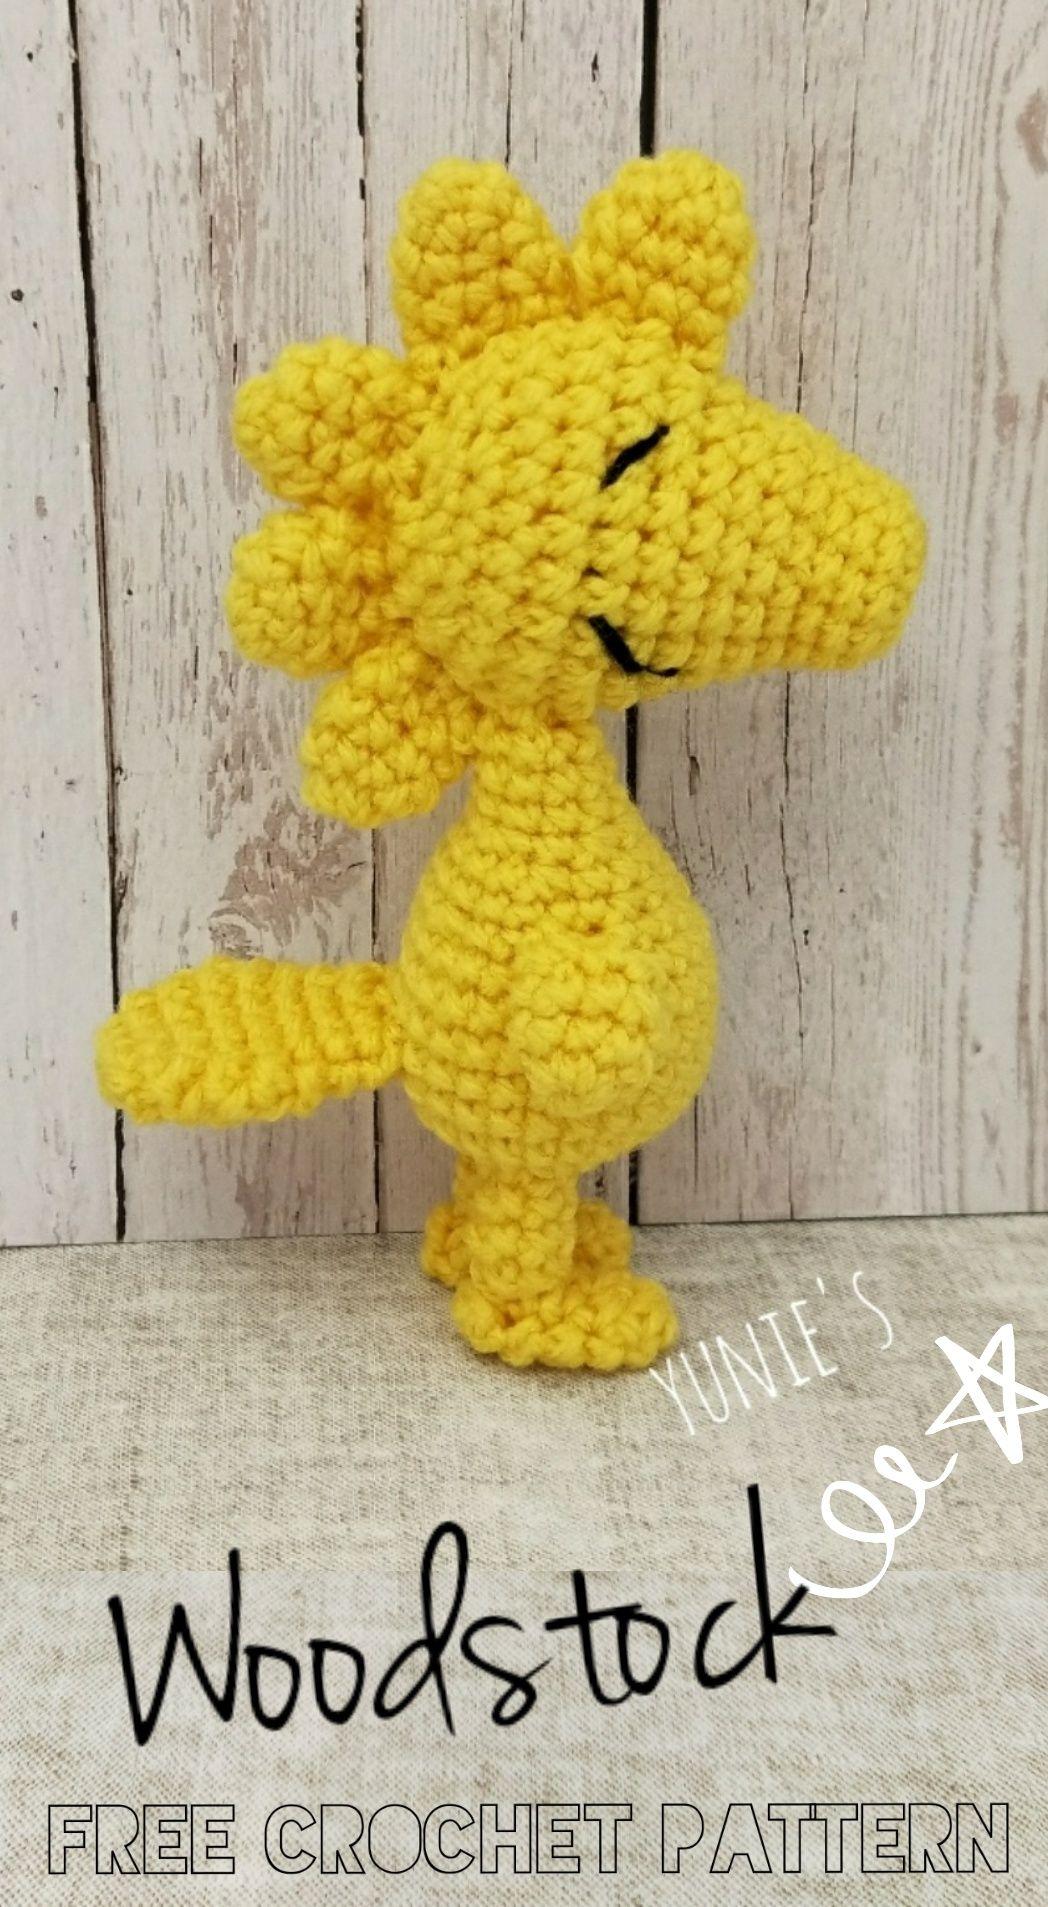 Wood Stock free crochet pattern | crochet | Pinterest | Free crochet ...